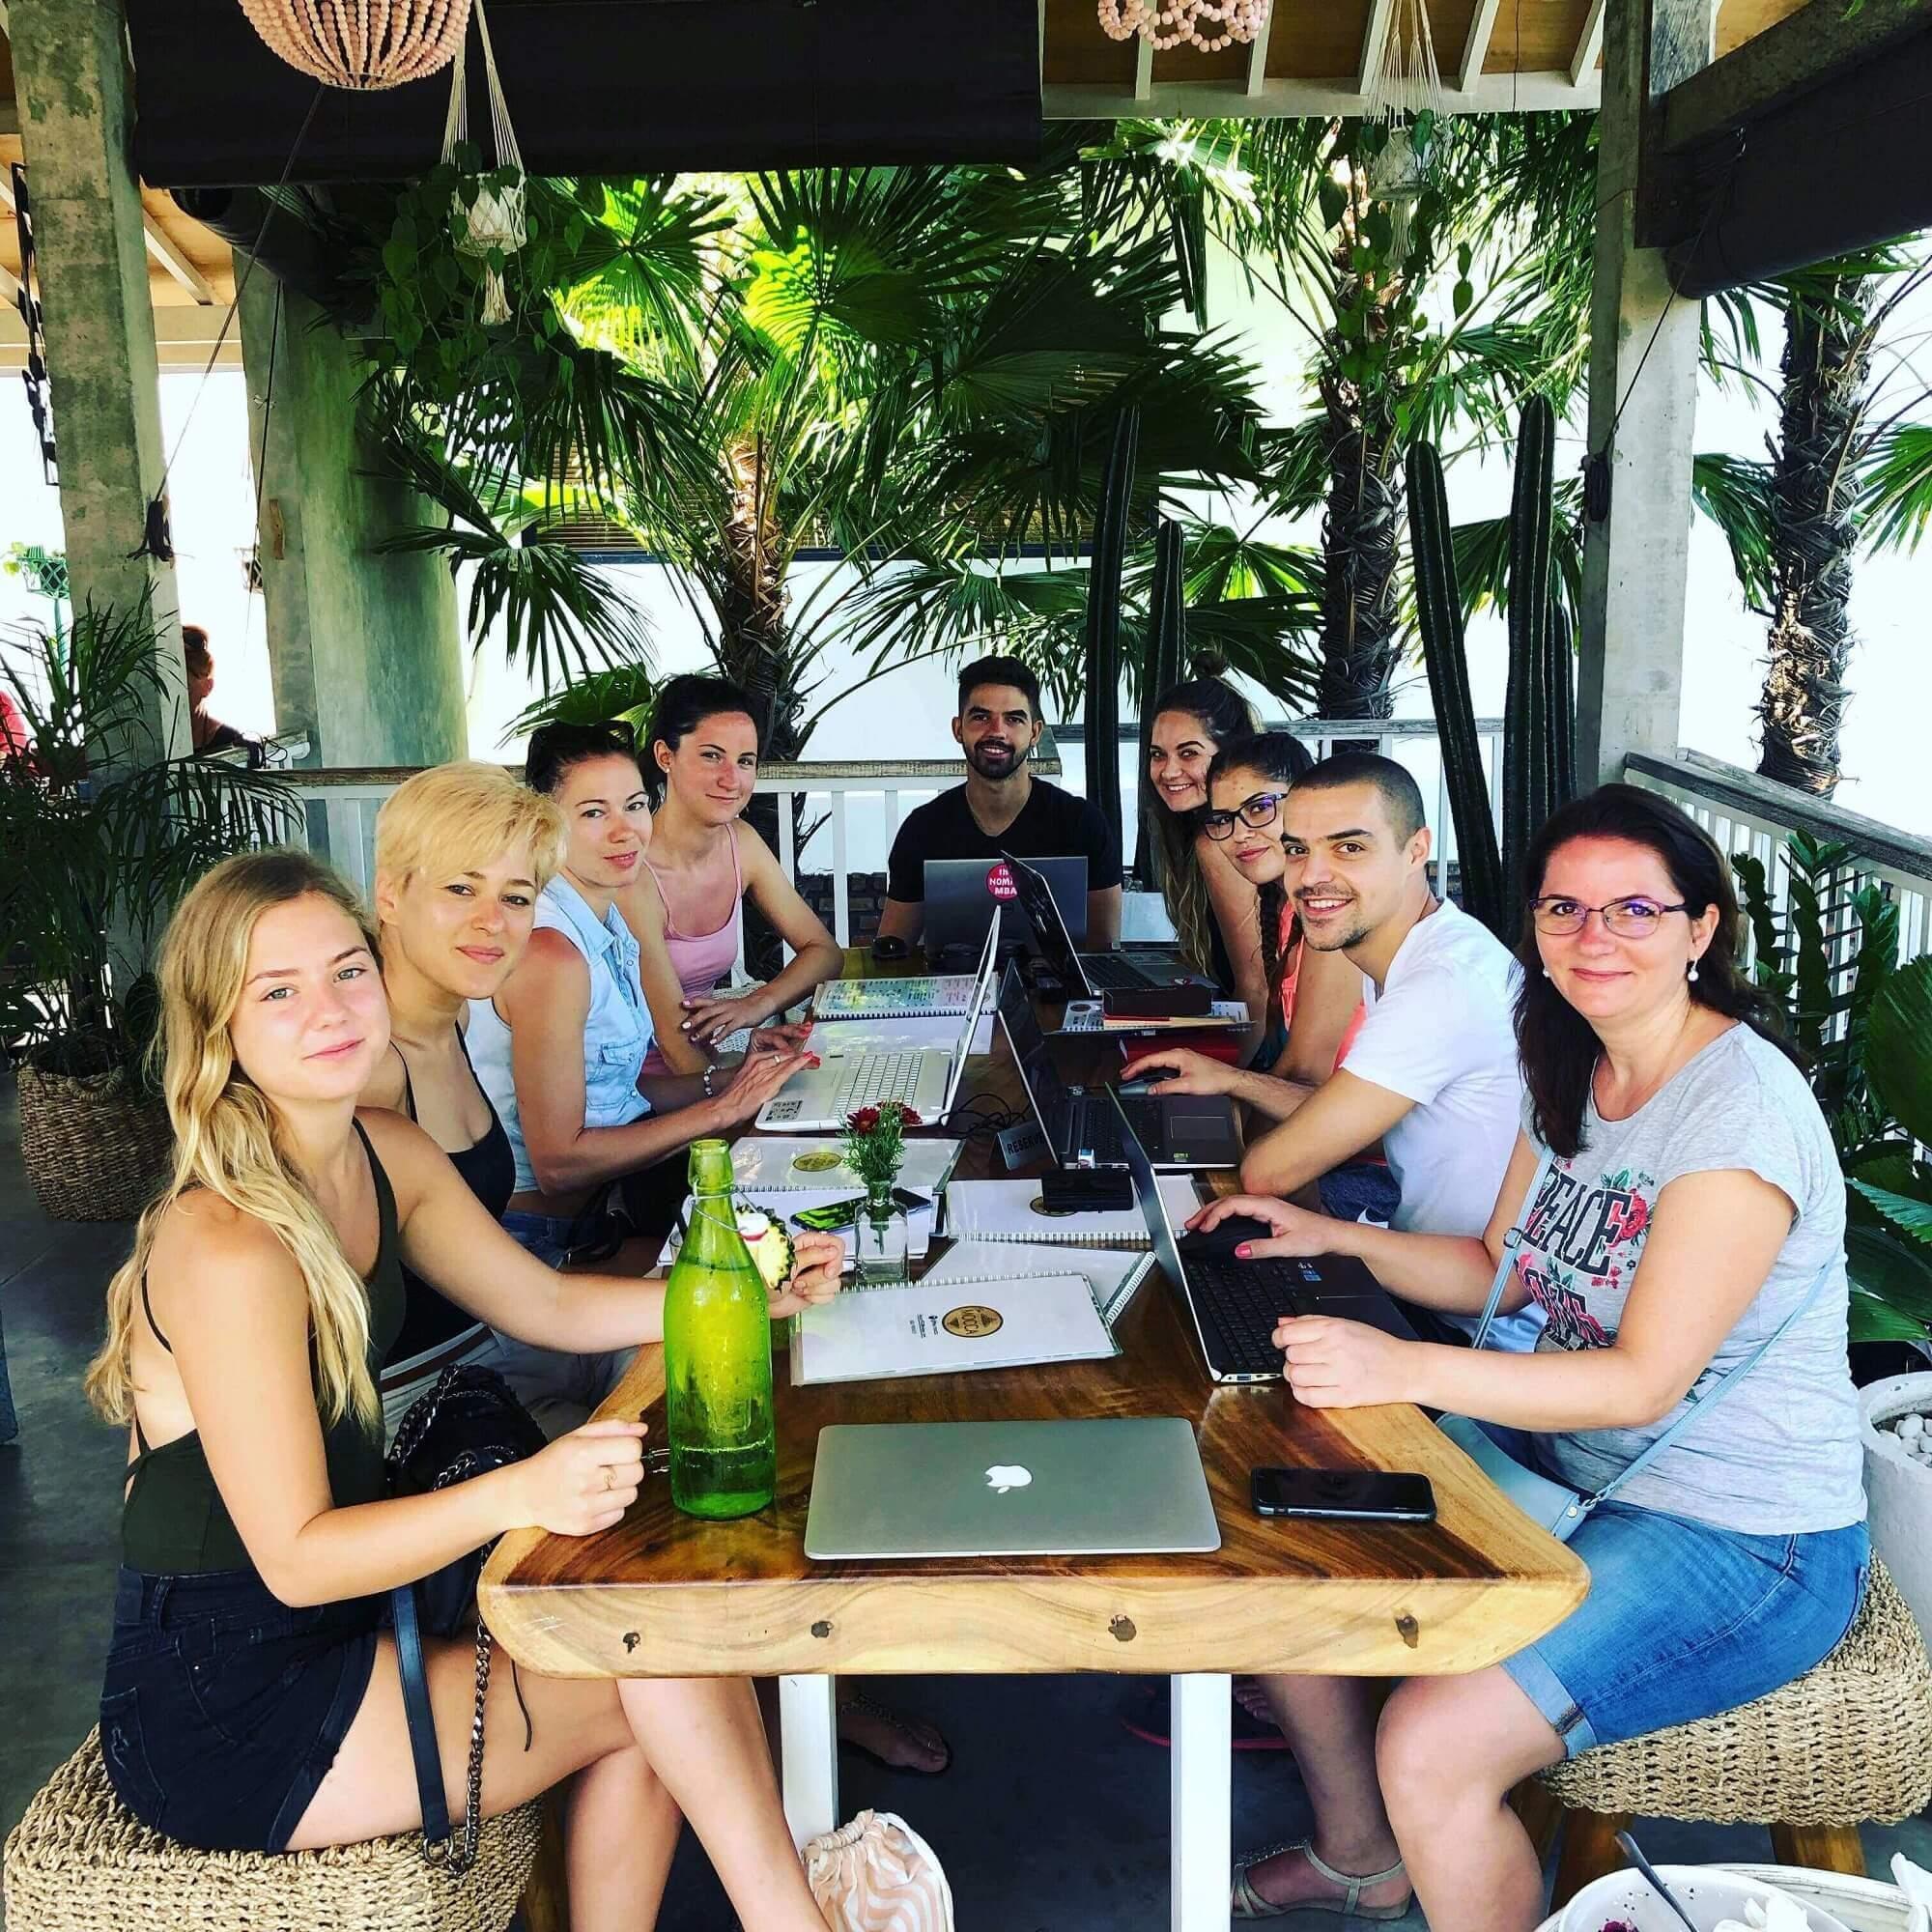 Így networkingelj utazás közben: 5 tipp, hogy a legtöbbet hozd ki a nyaralásodból